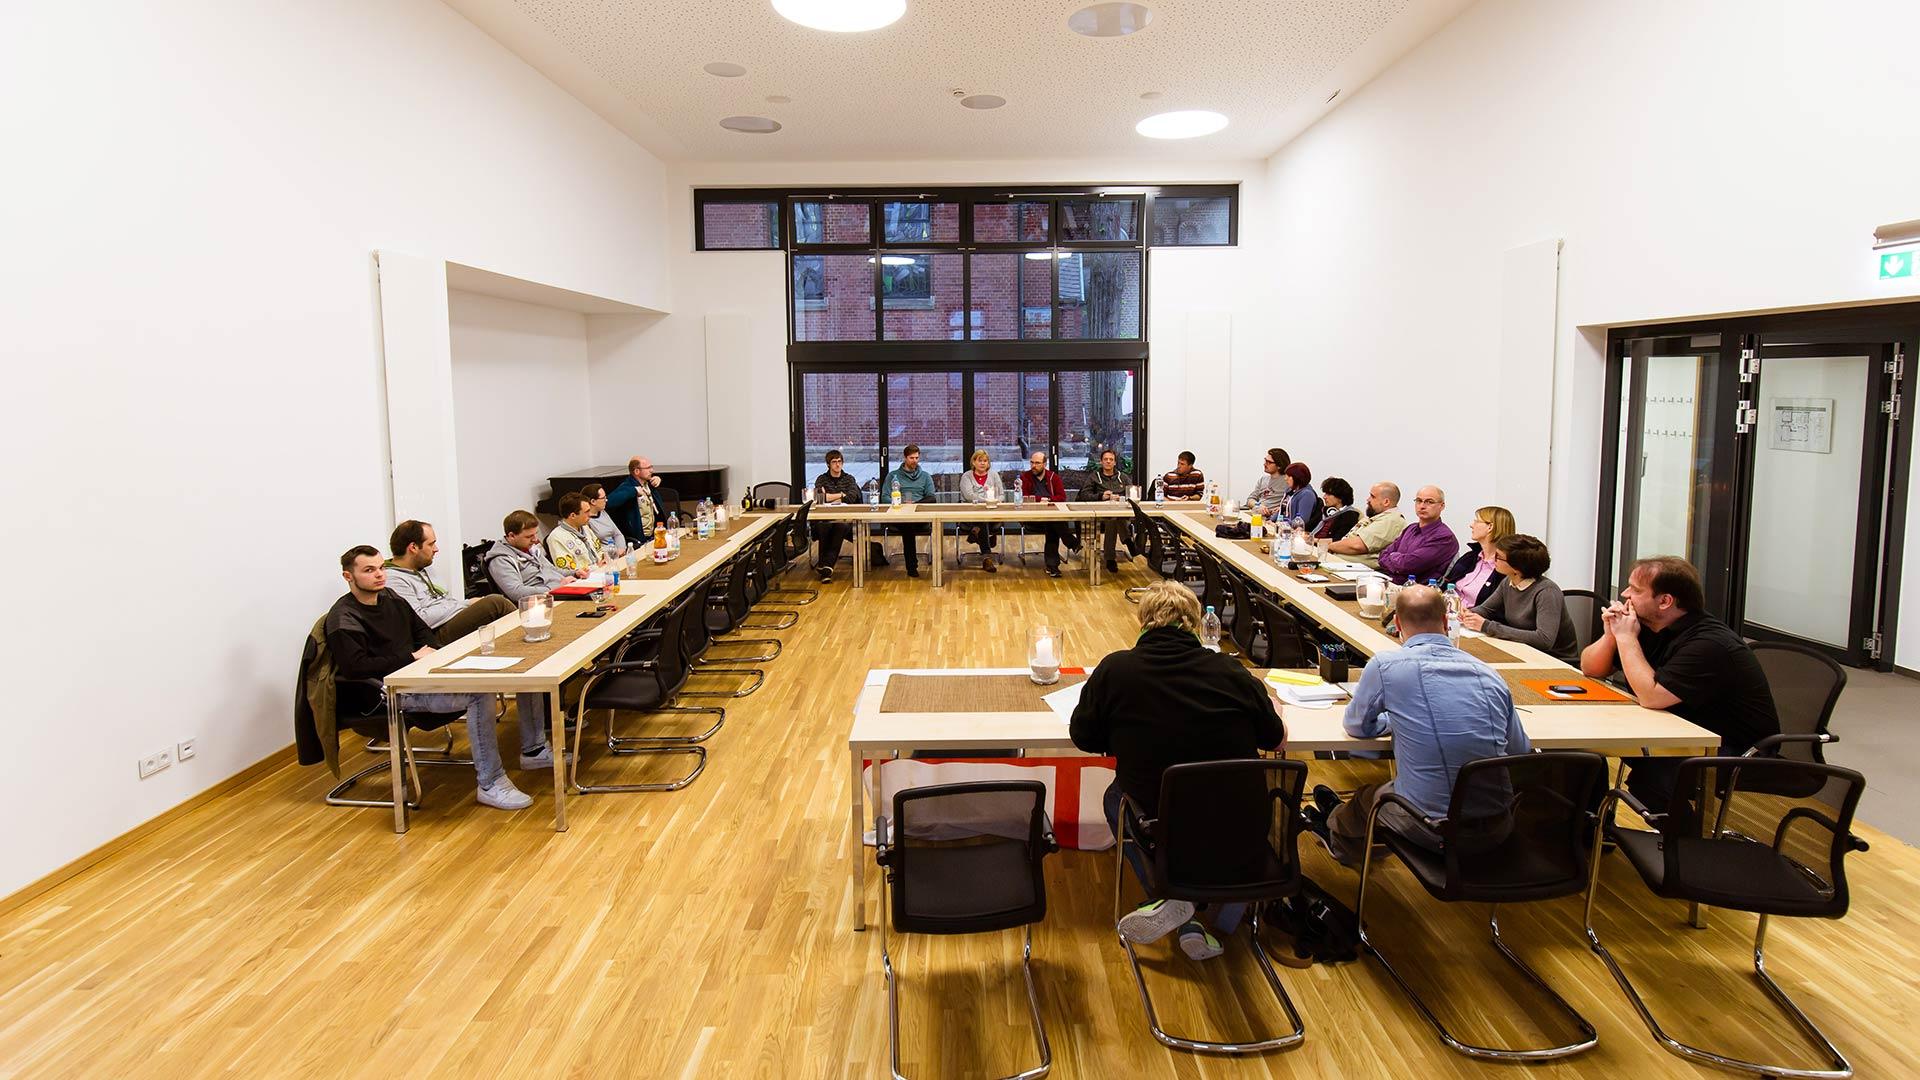 Bezirksversammlung-S.Humbek-2016052420160524-IM6A7134